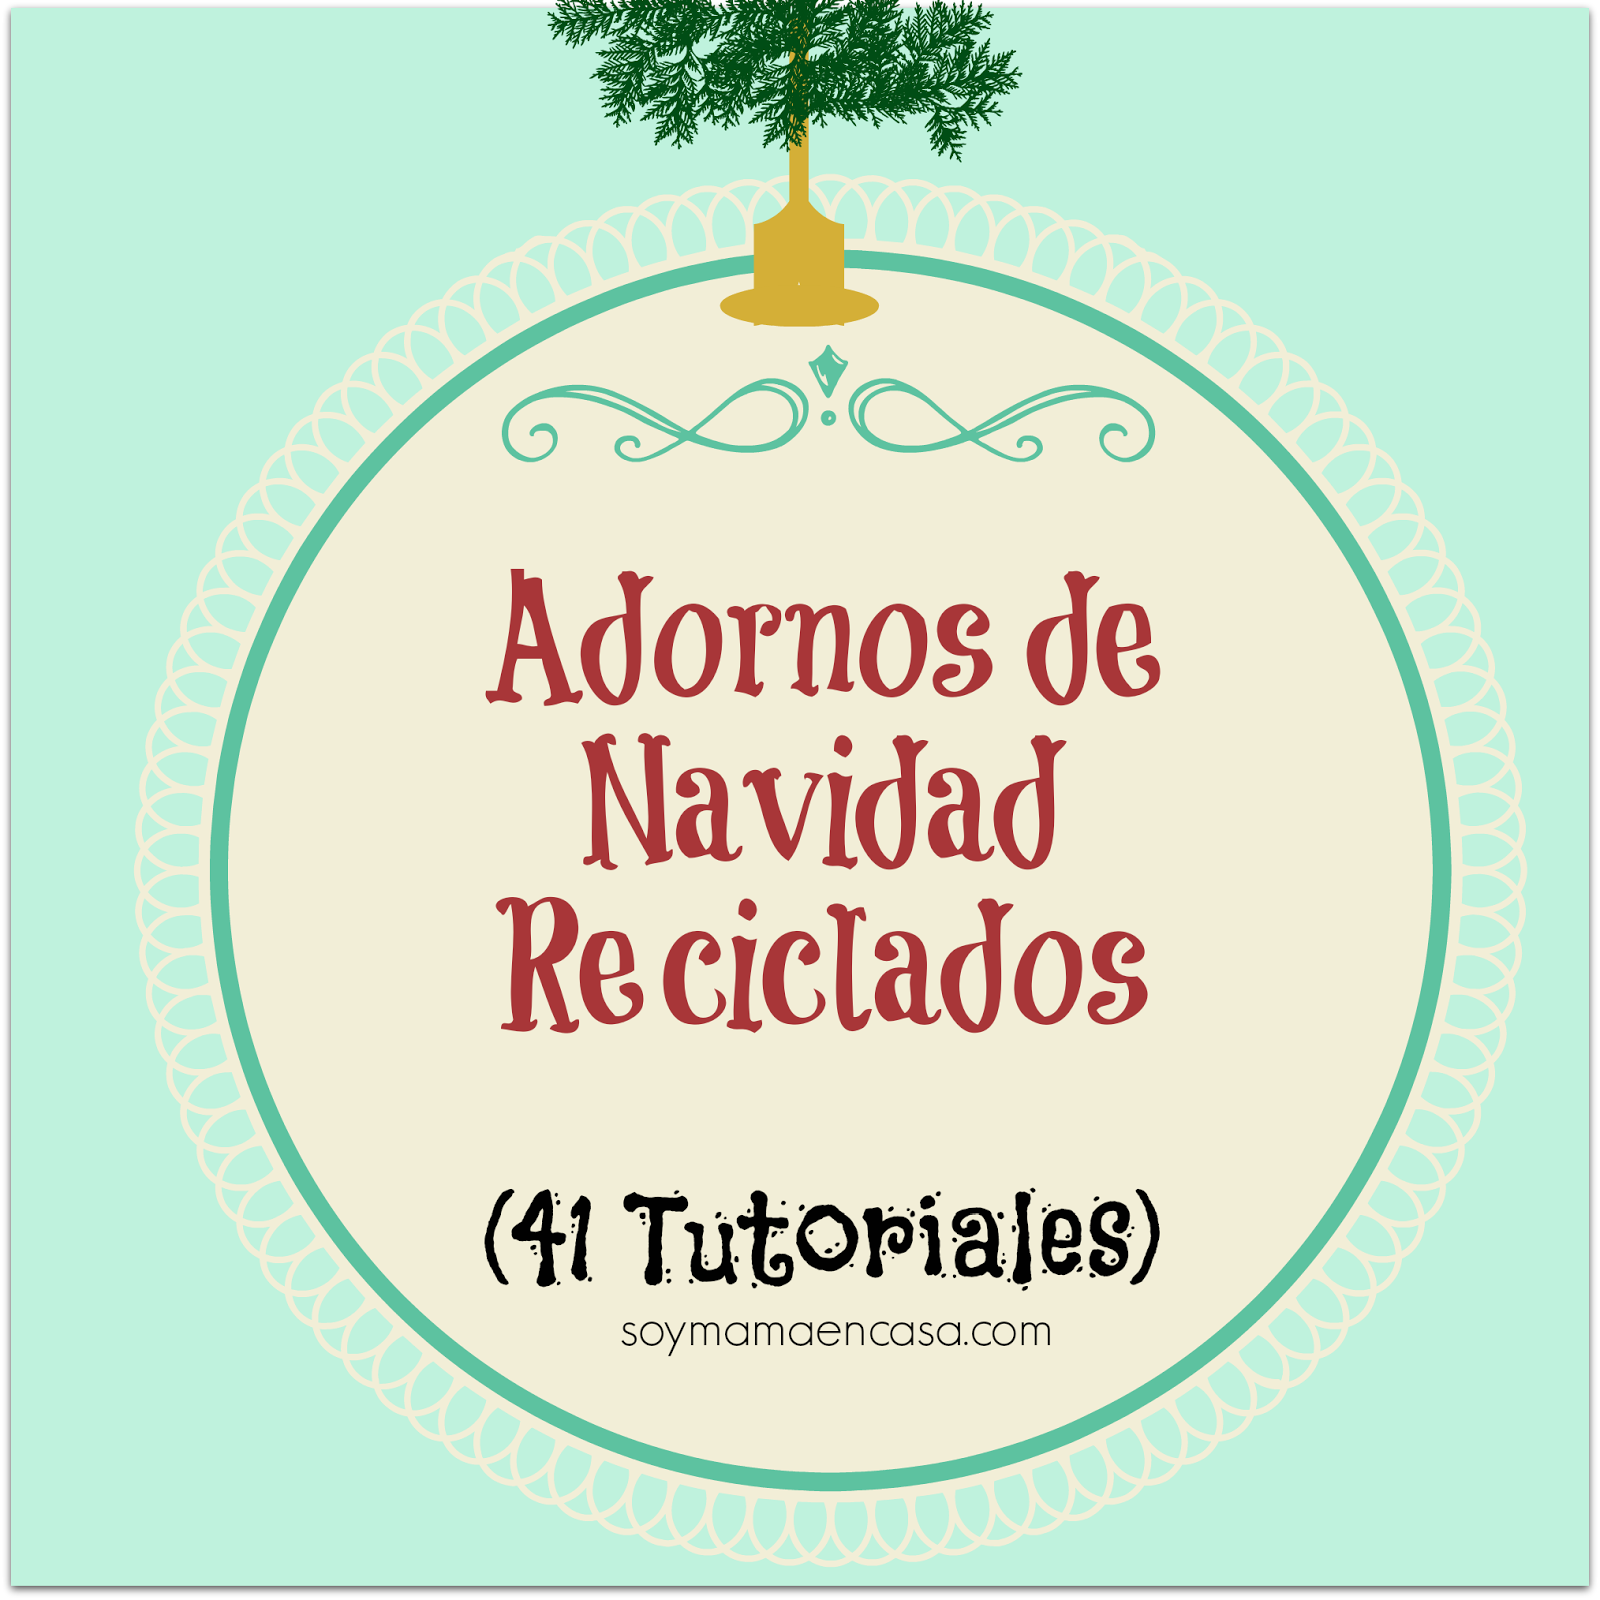 Adornos de navidad reciclados 41 tutoriales soy mam for Como hacer adornos para navidad